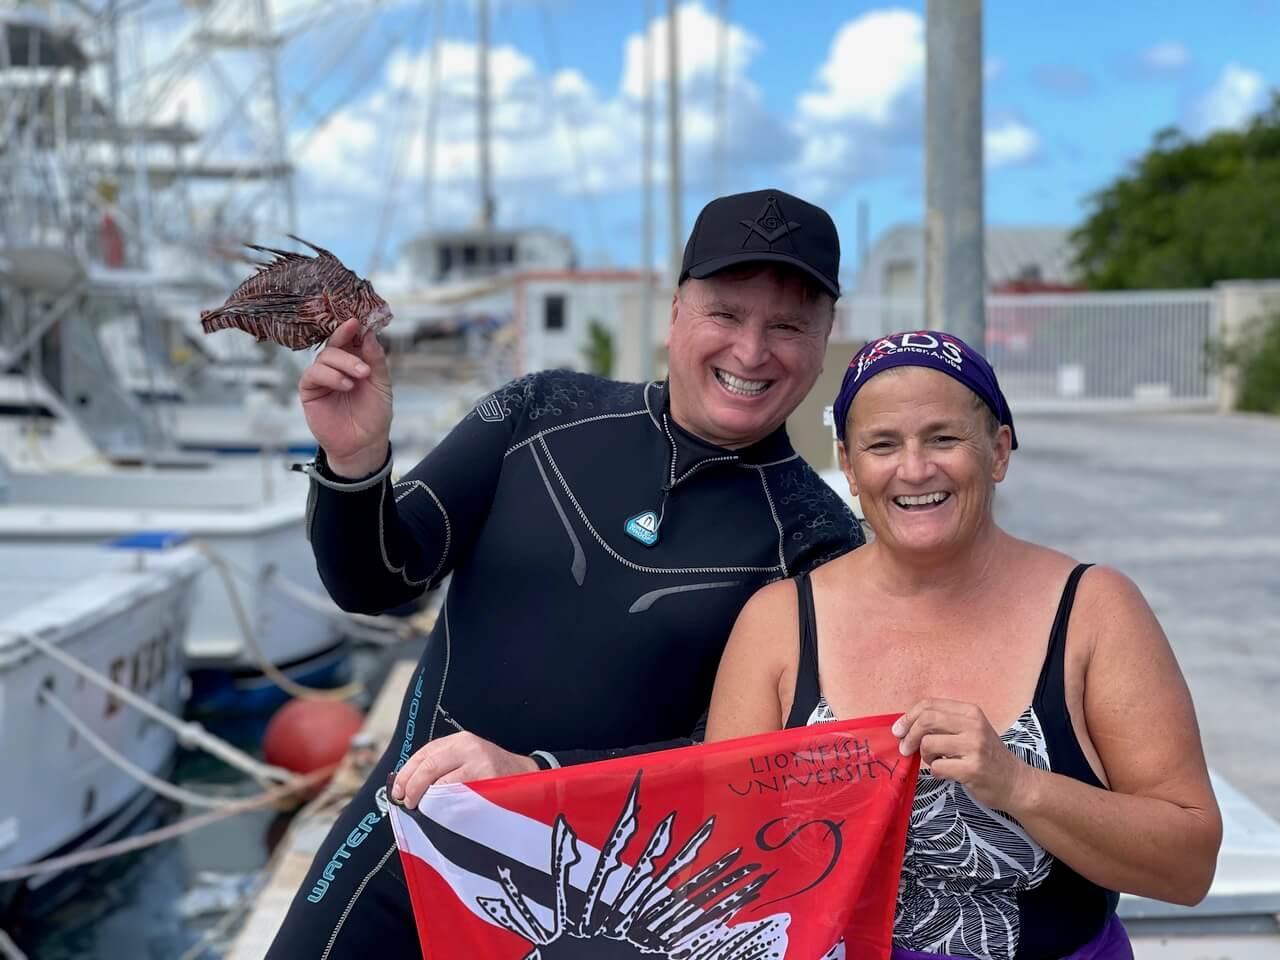 Roger J. Muller, Jr. & Susan Heiter of JADS